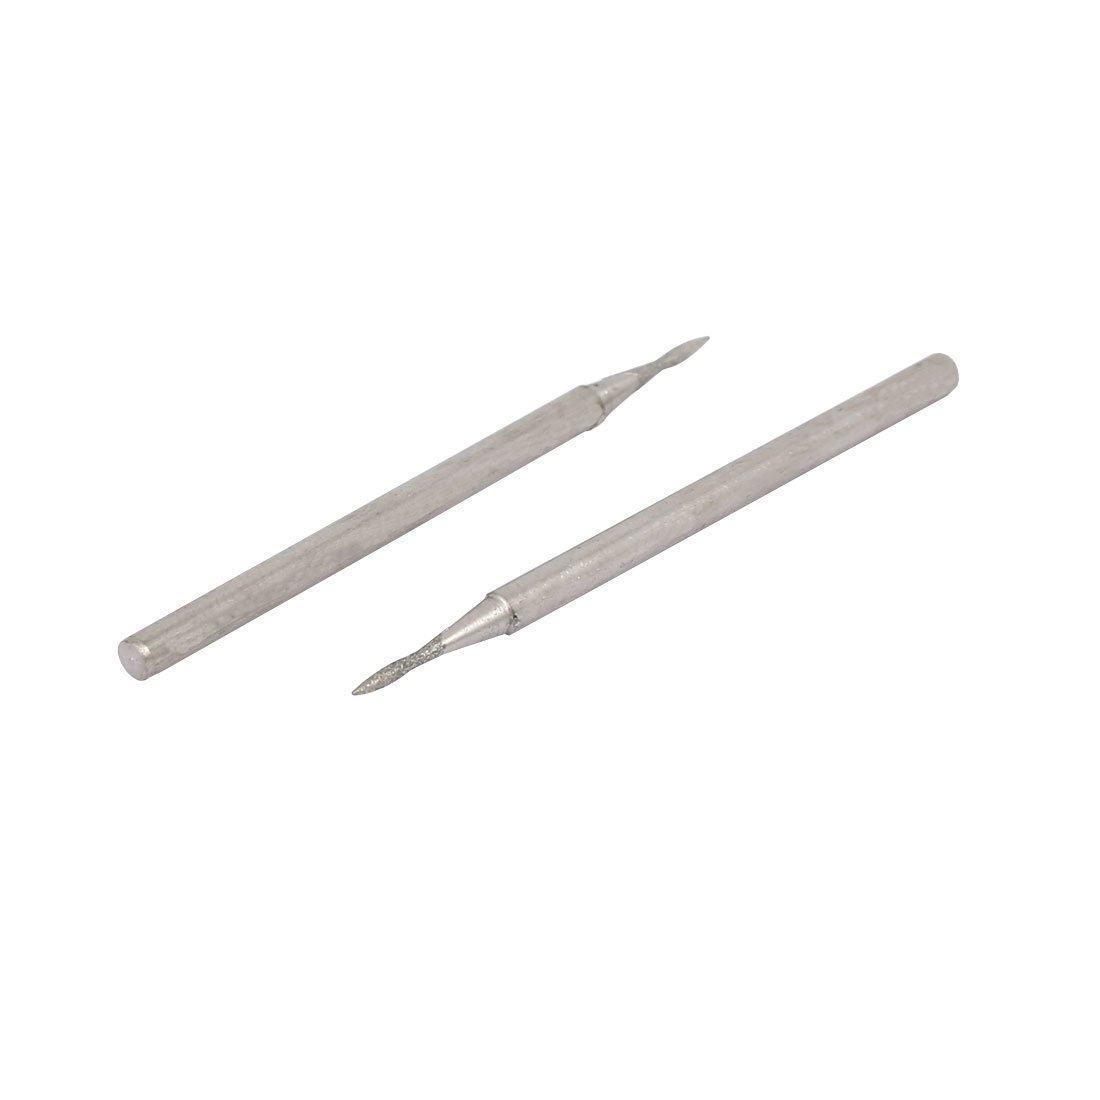 DealMux 2.35mm Schaft 0.8mm Spitze Stone Head Schleifen Bohrer Diamant-Schleifstift 5pcs